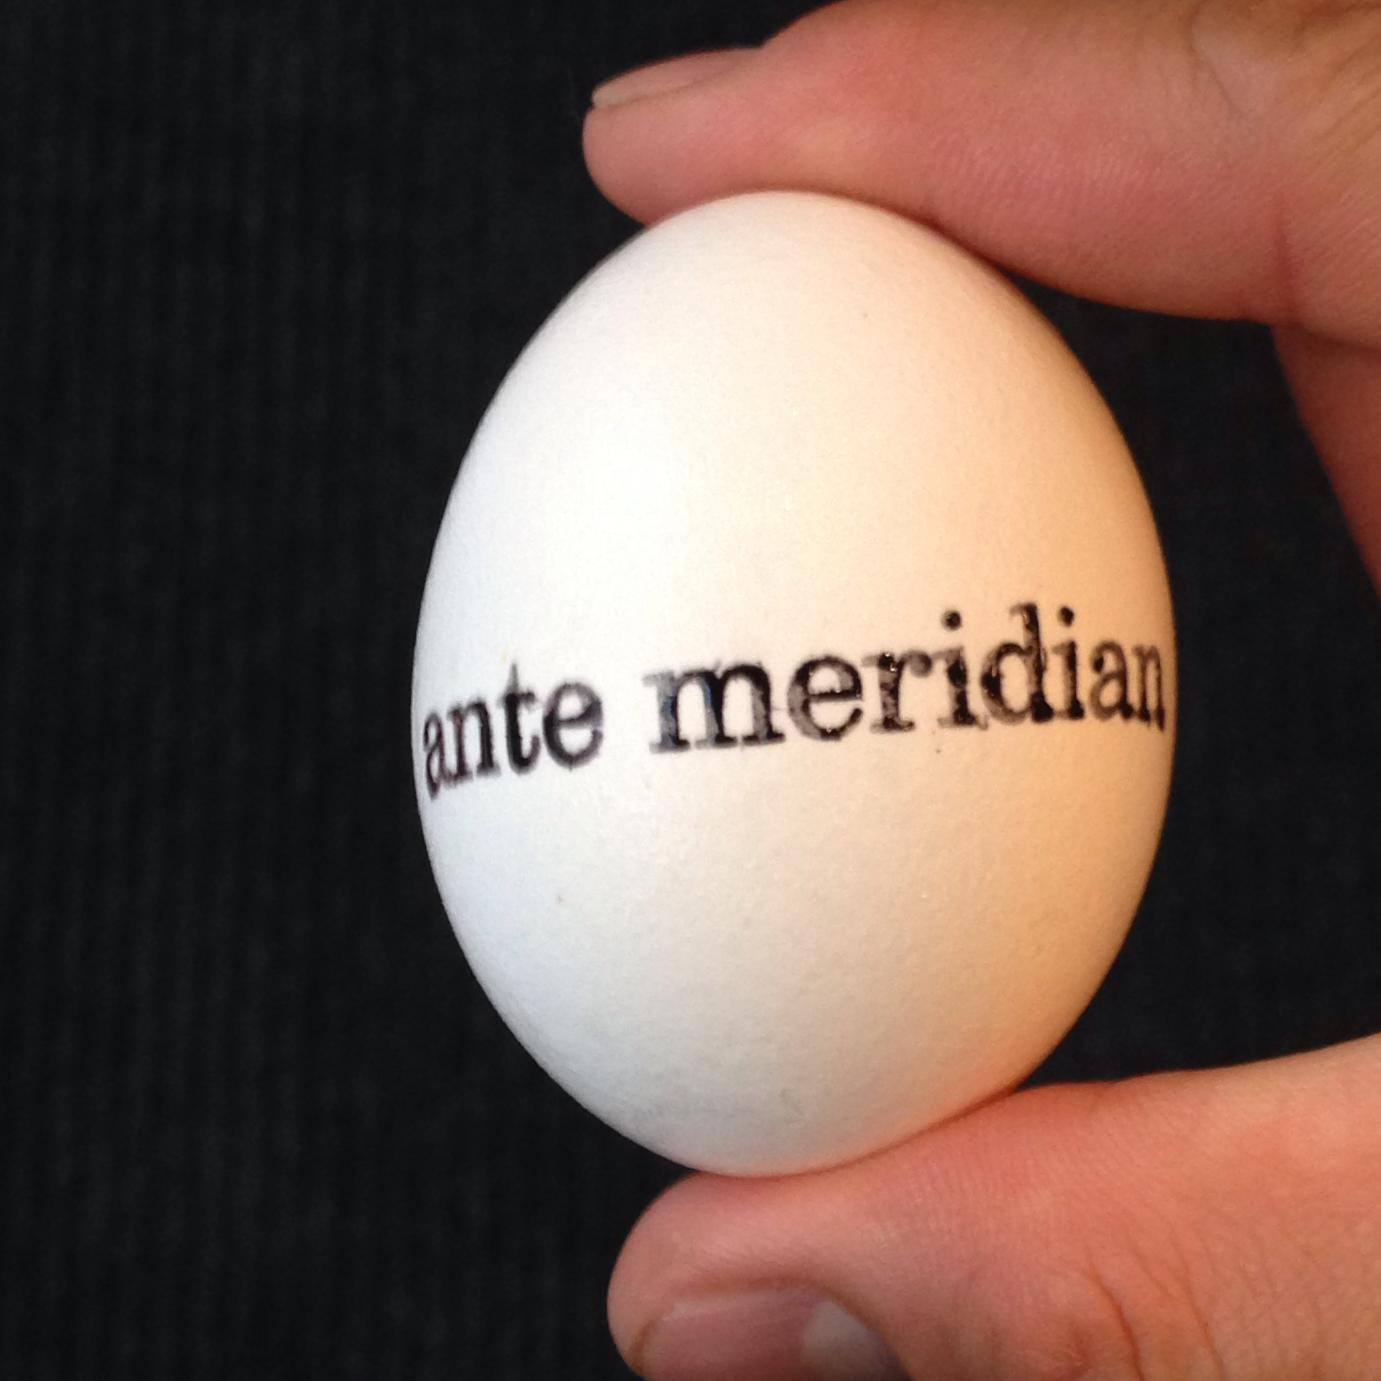 Ante Meridian